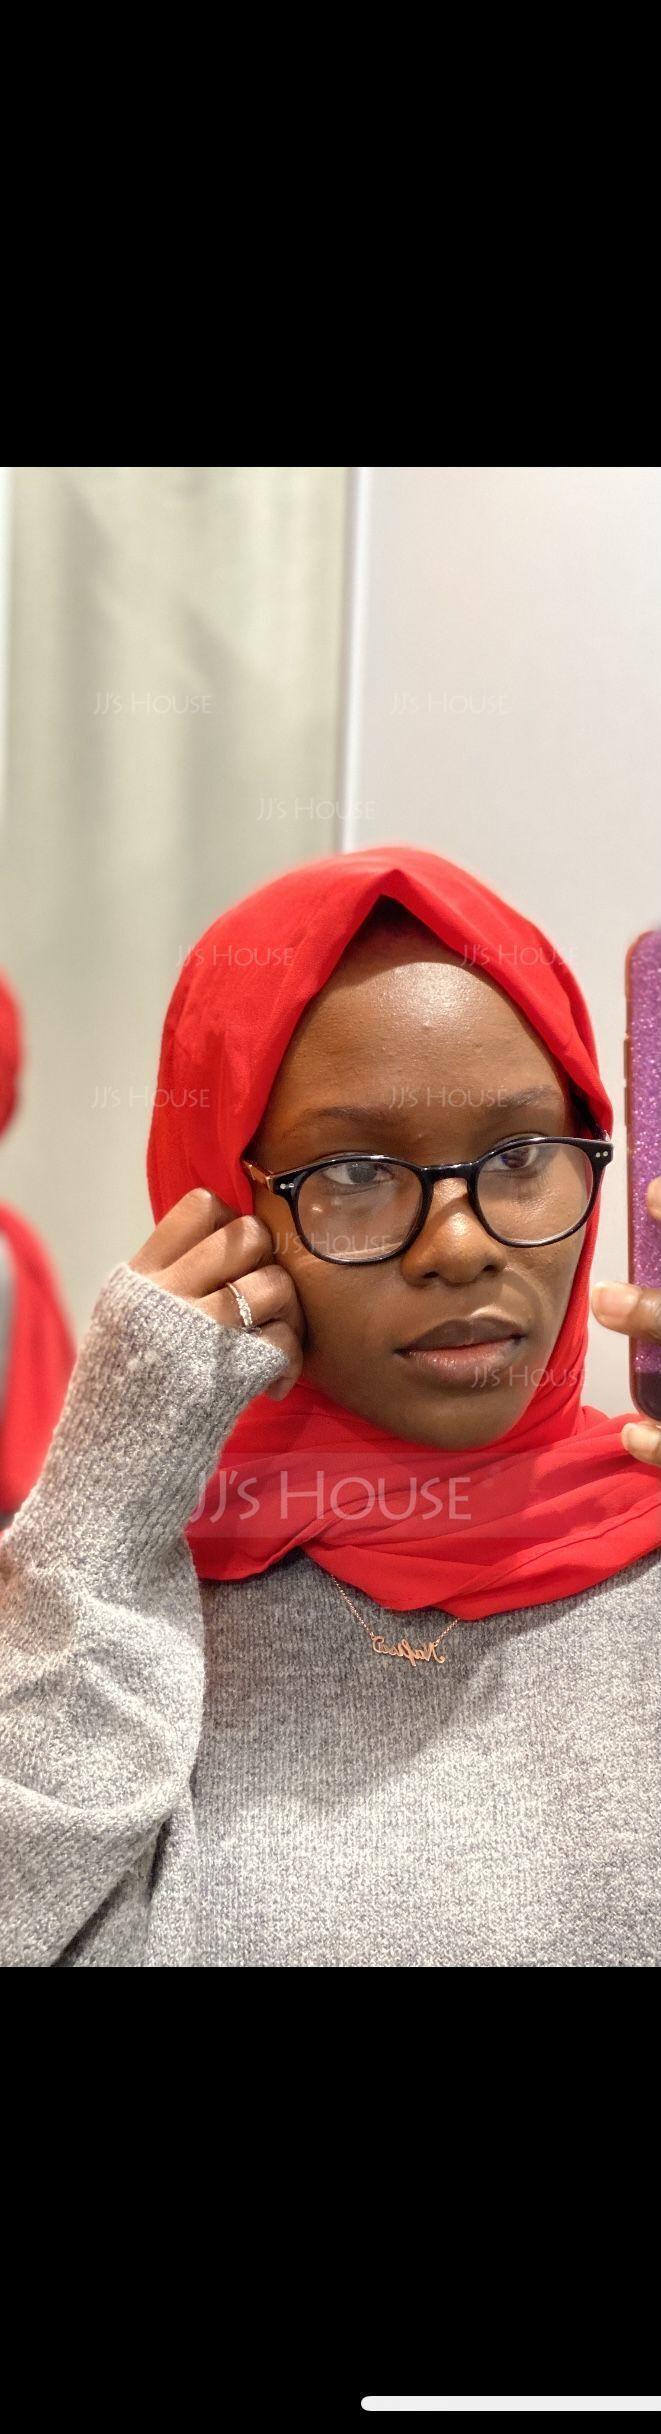 [Livraison gratuite]Personnalisé Plaqué Or Rose 18 Carats Carrie Collier prénom - Cadeaux D'anniversaire Cadeaux Pour La Fête Des Mères